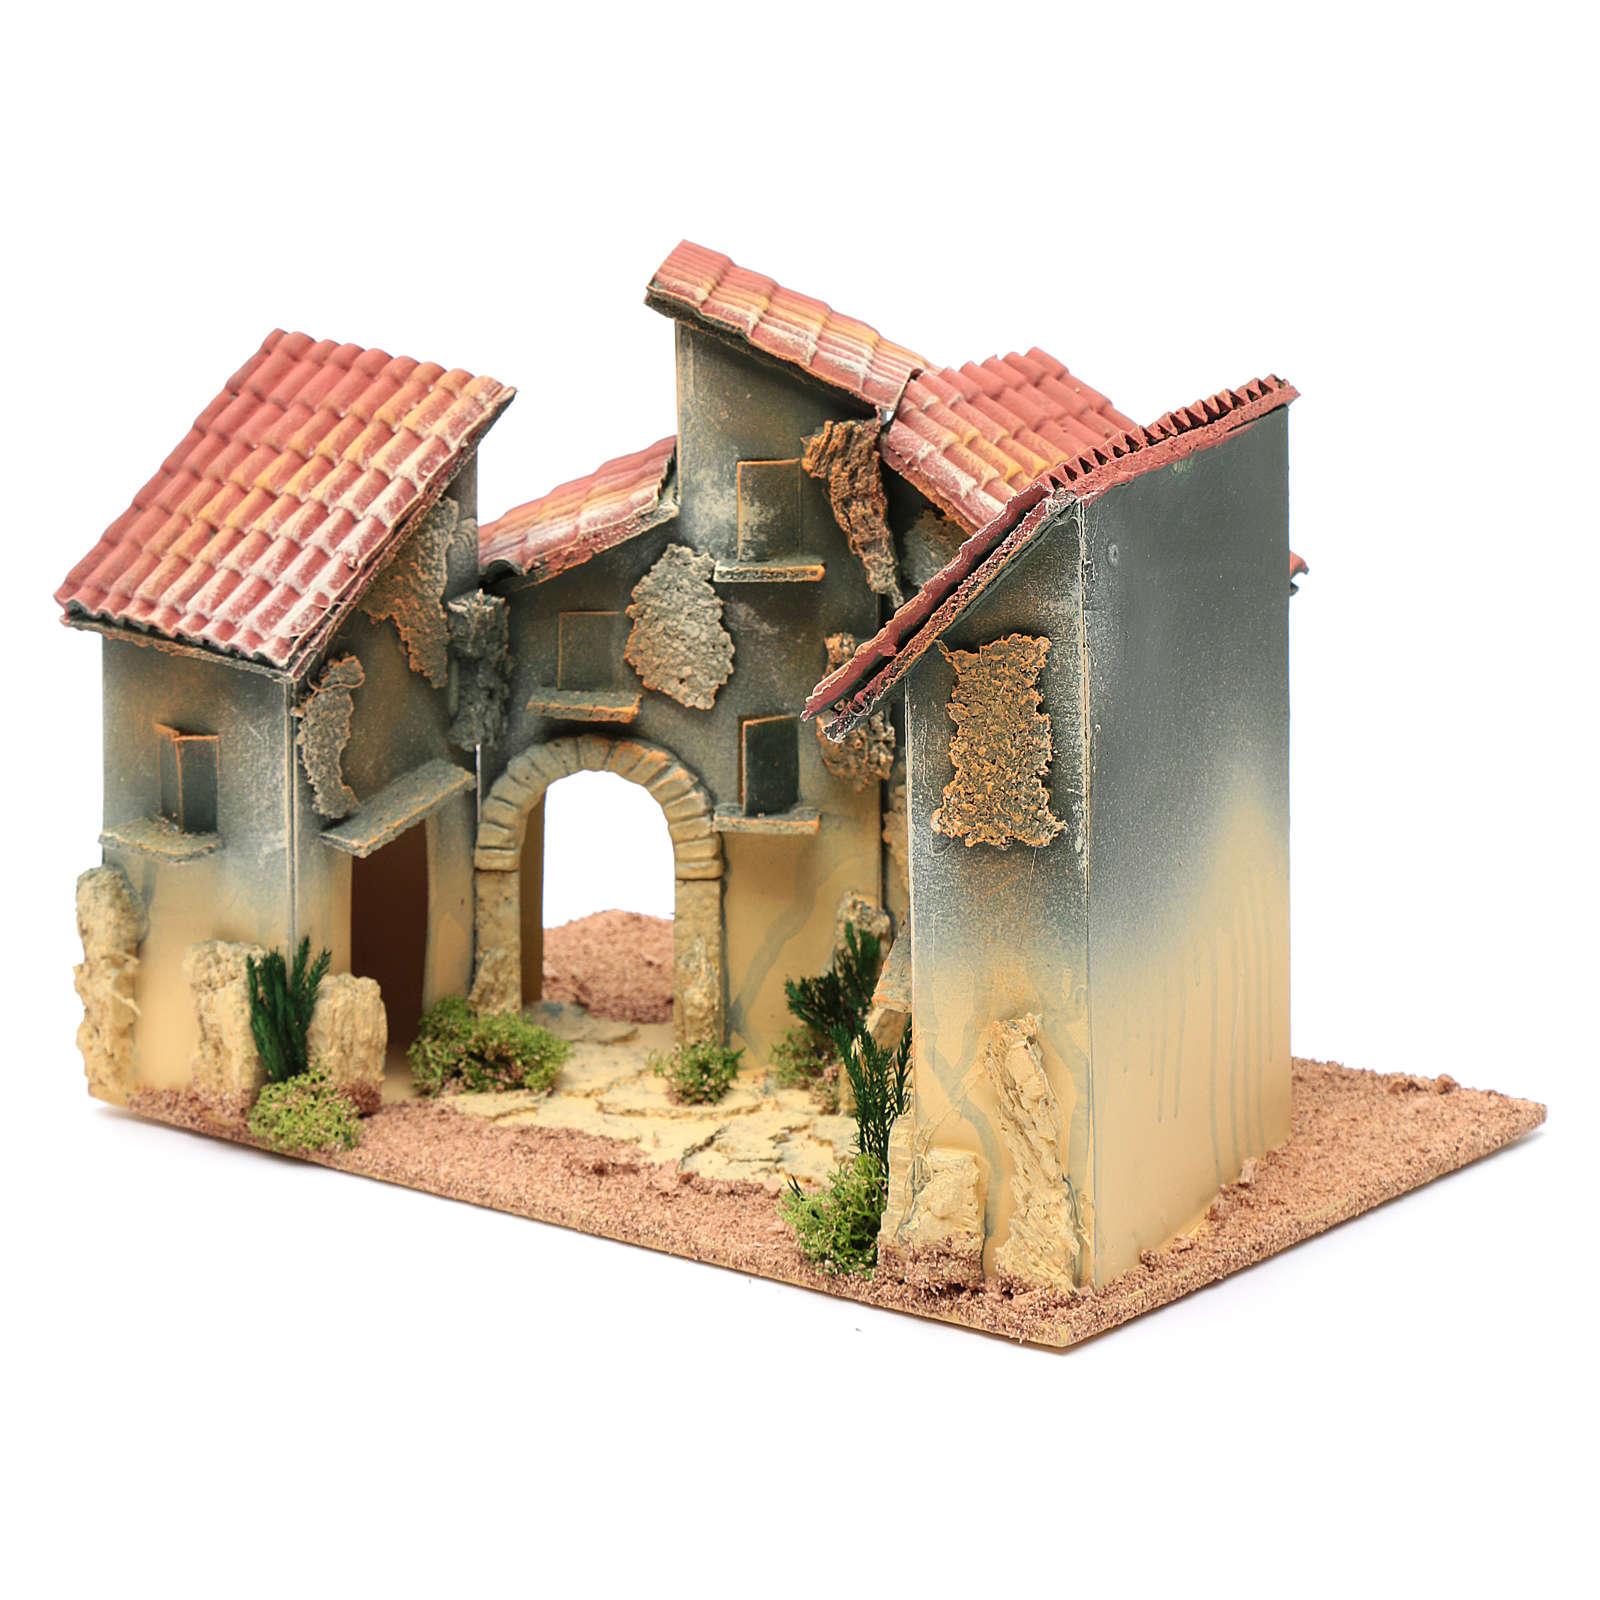 Borgo case e arco 25x30x20 cm per presepe 4